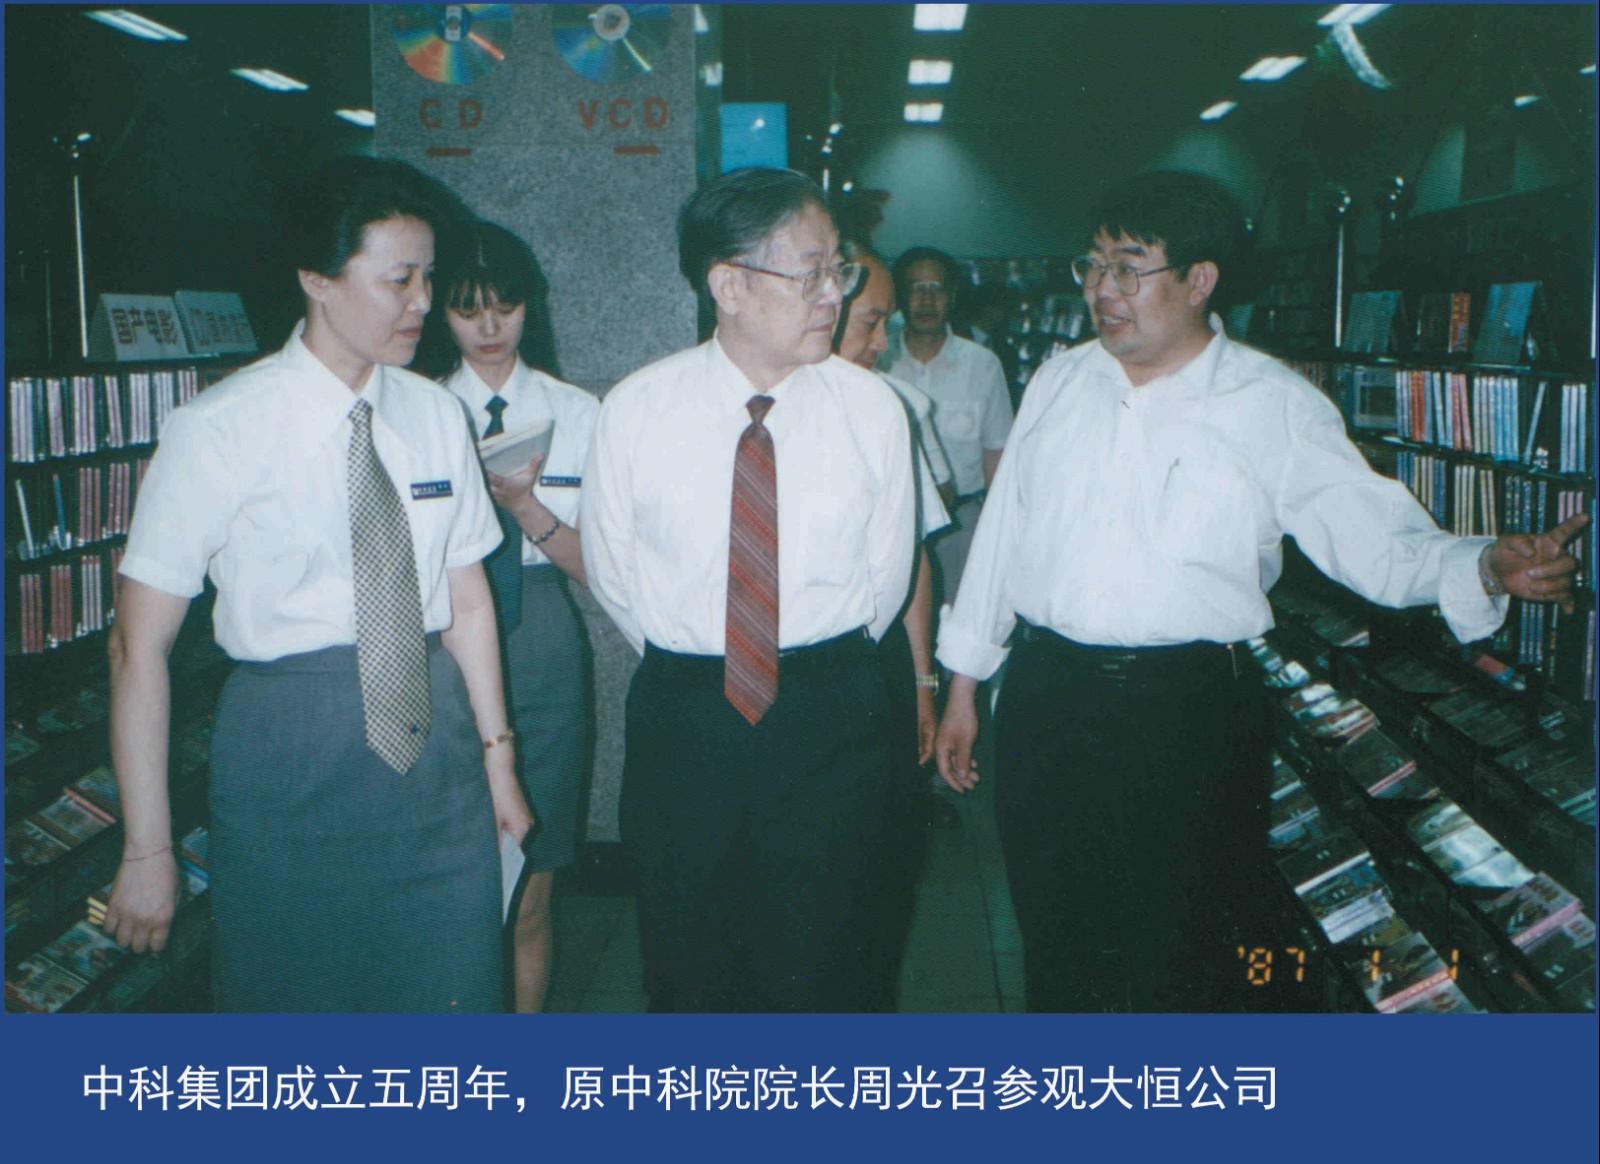 06中科集团成立五周年原中科院院长周光召参观大恒公司 _副本.jpg